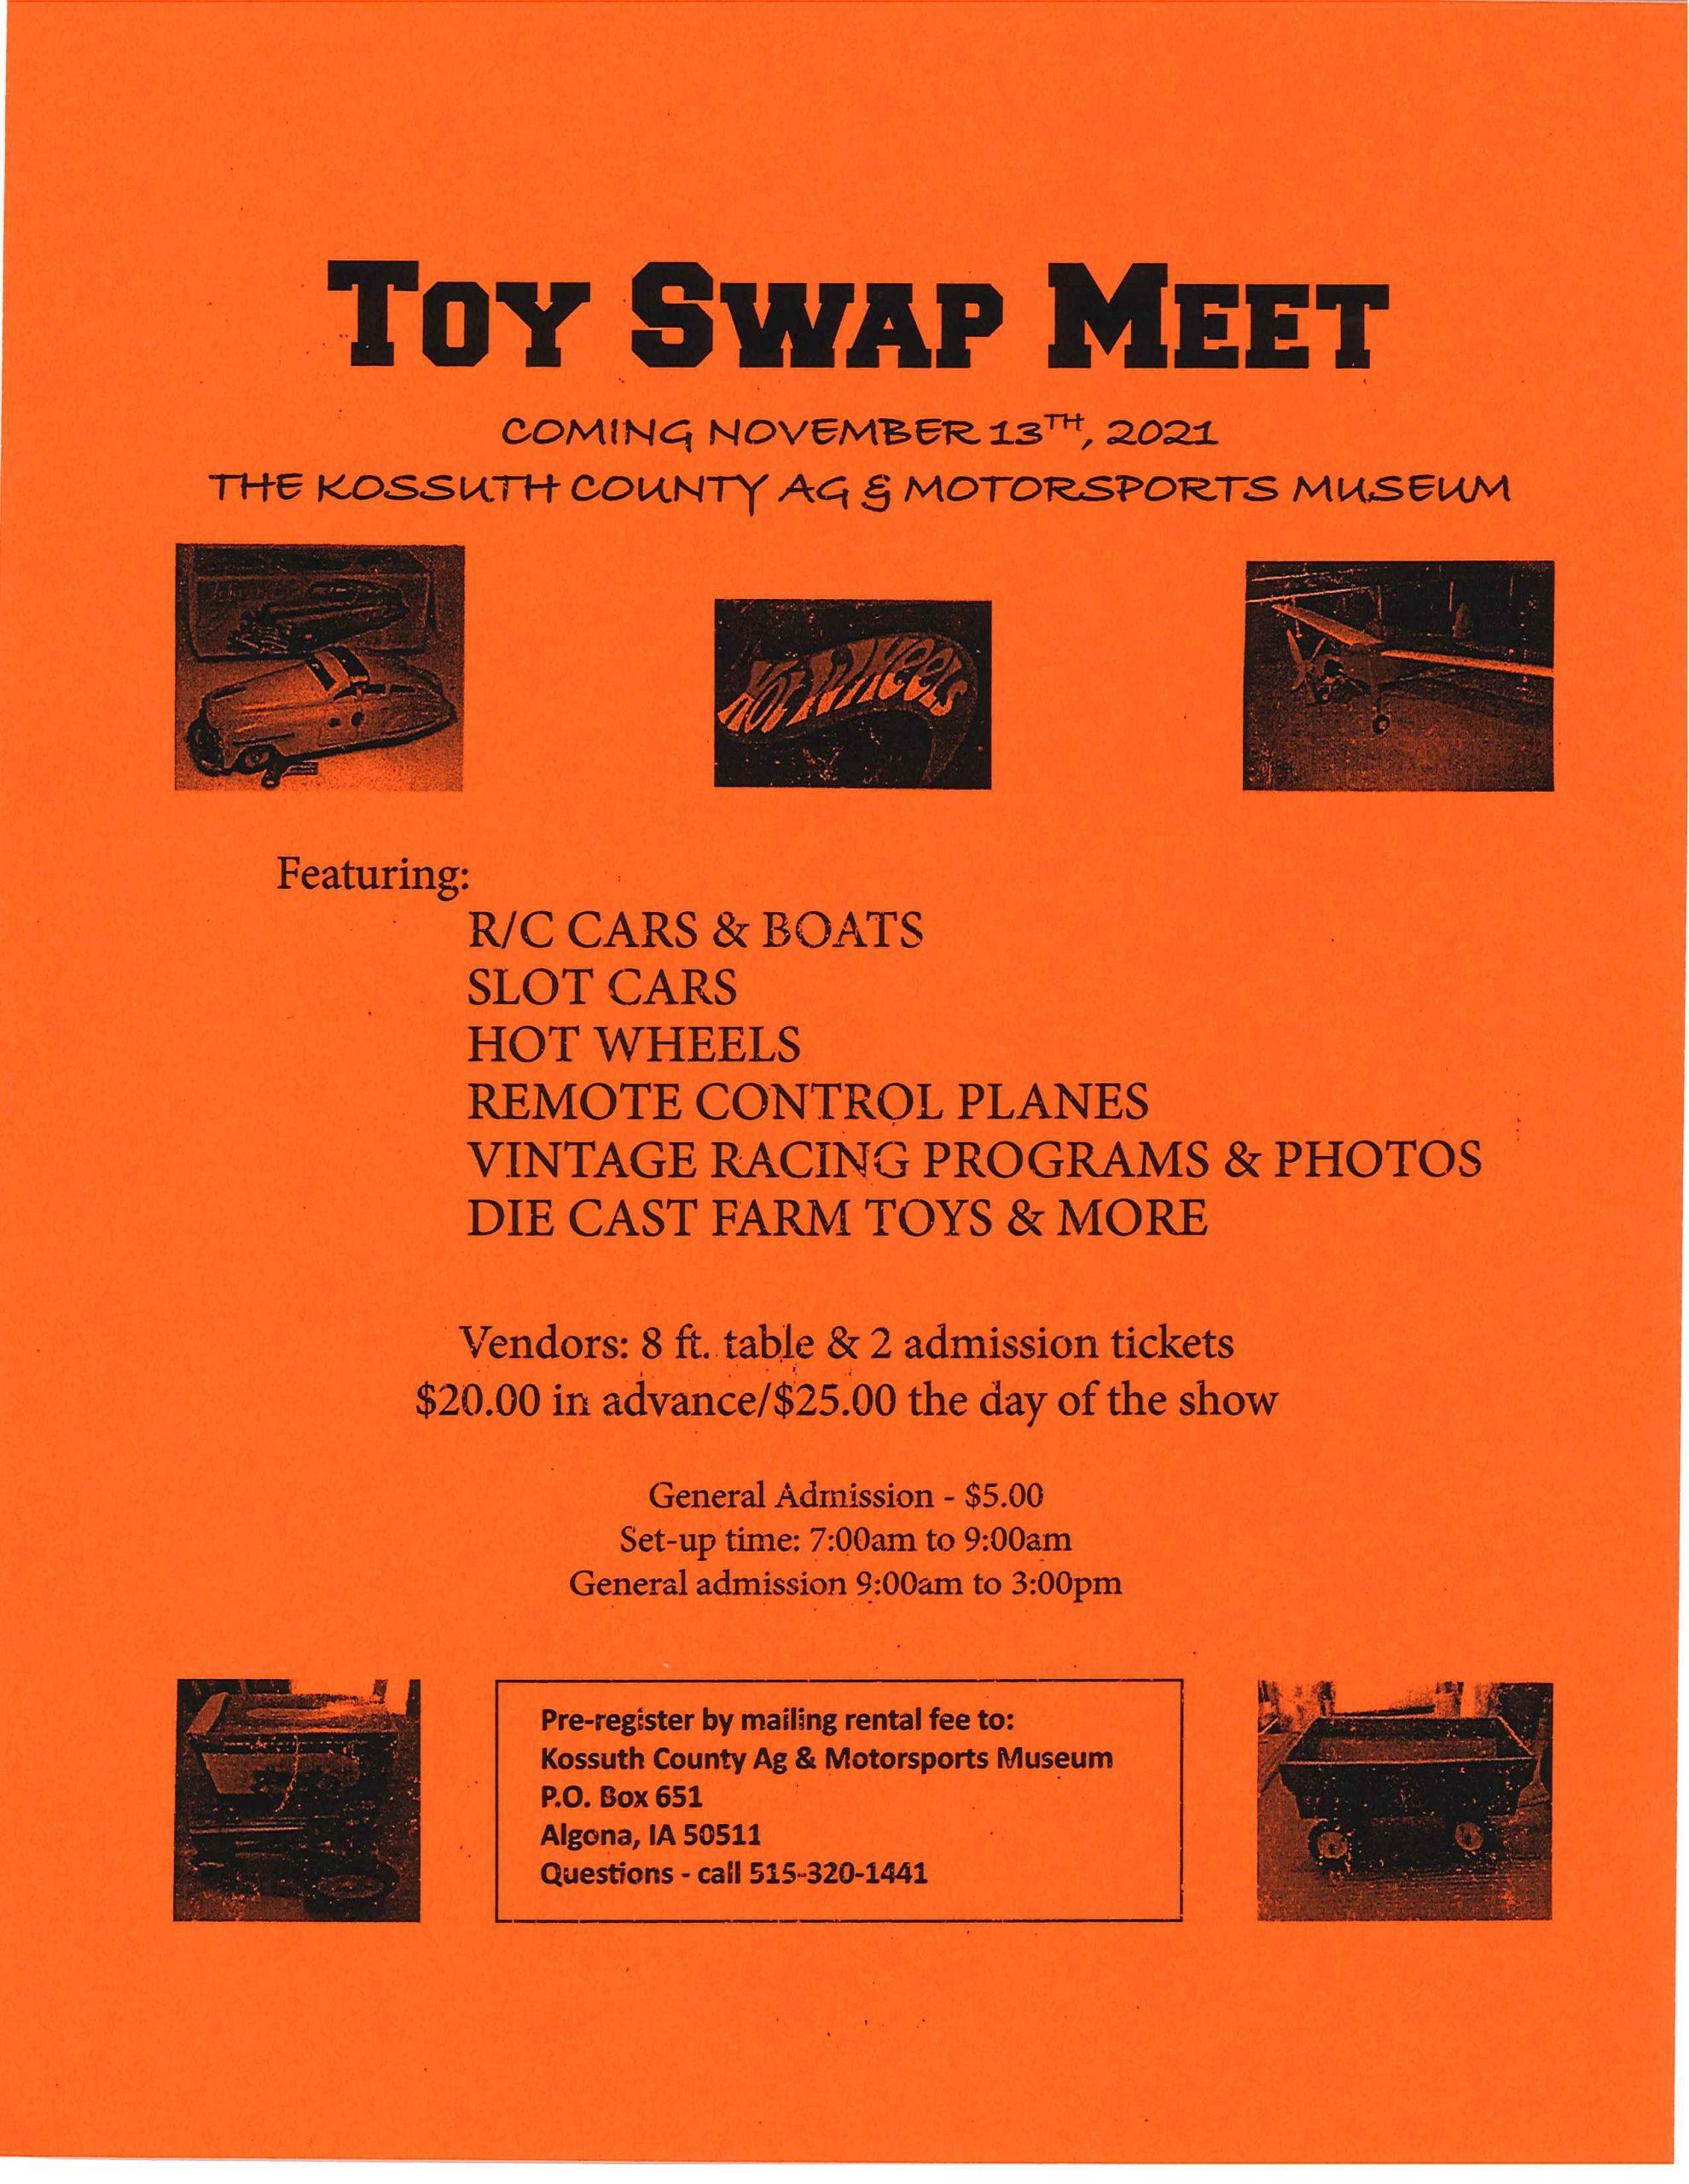 Toy Swap Meet